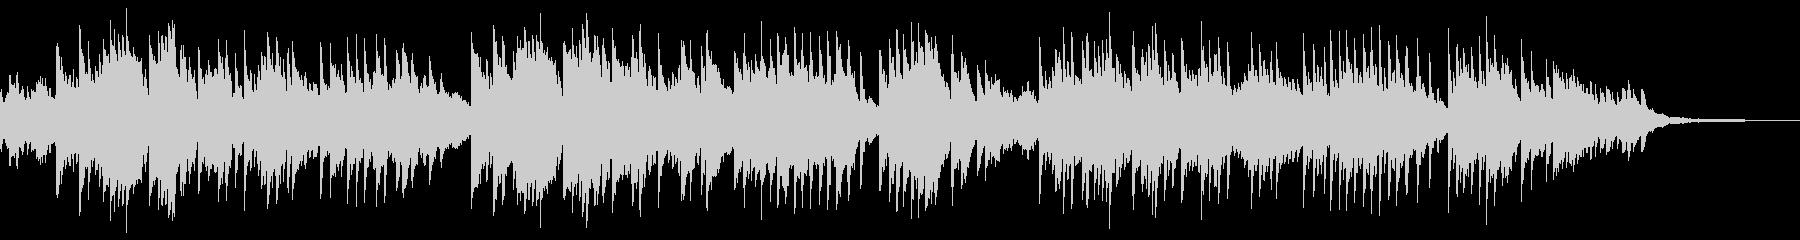 ピアノソロ バラードの未再生の波形